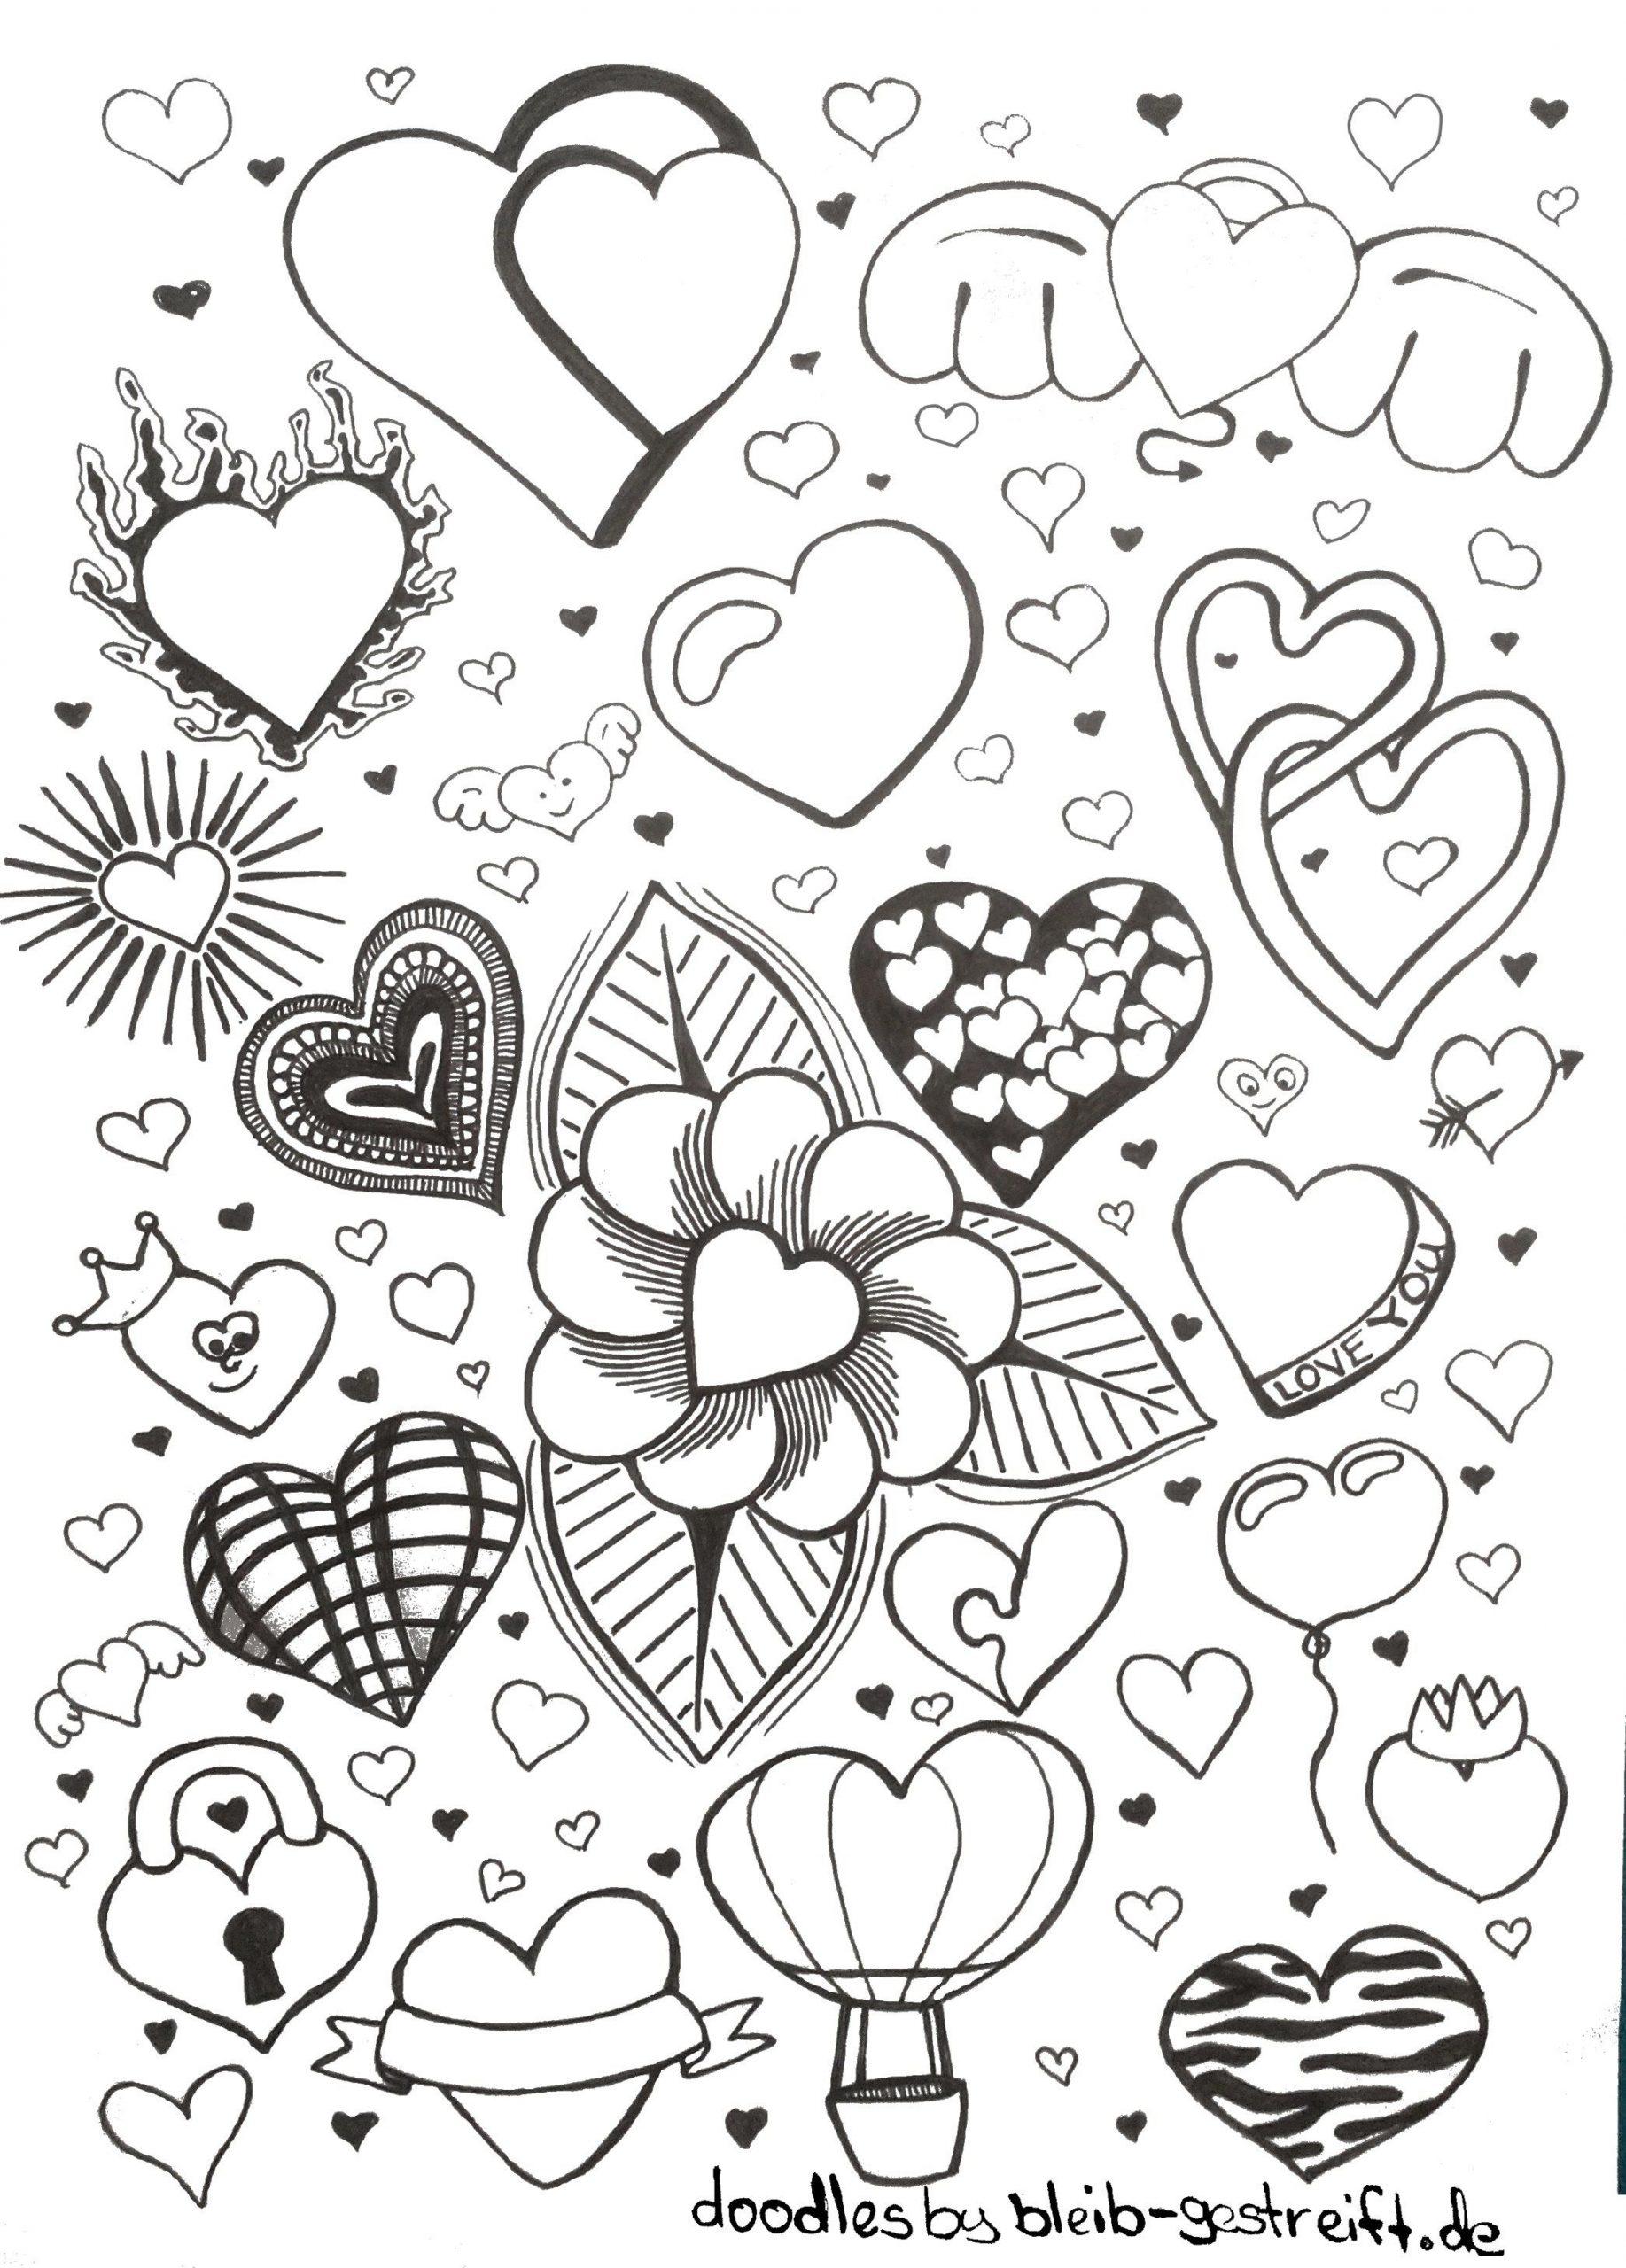 Doodles Zeichnen - Viele Vorlagen Für Deine Inspiration Und in Zeichnen Bilder Vorlagen